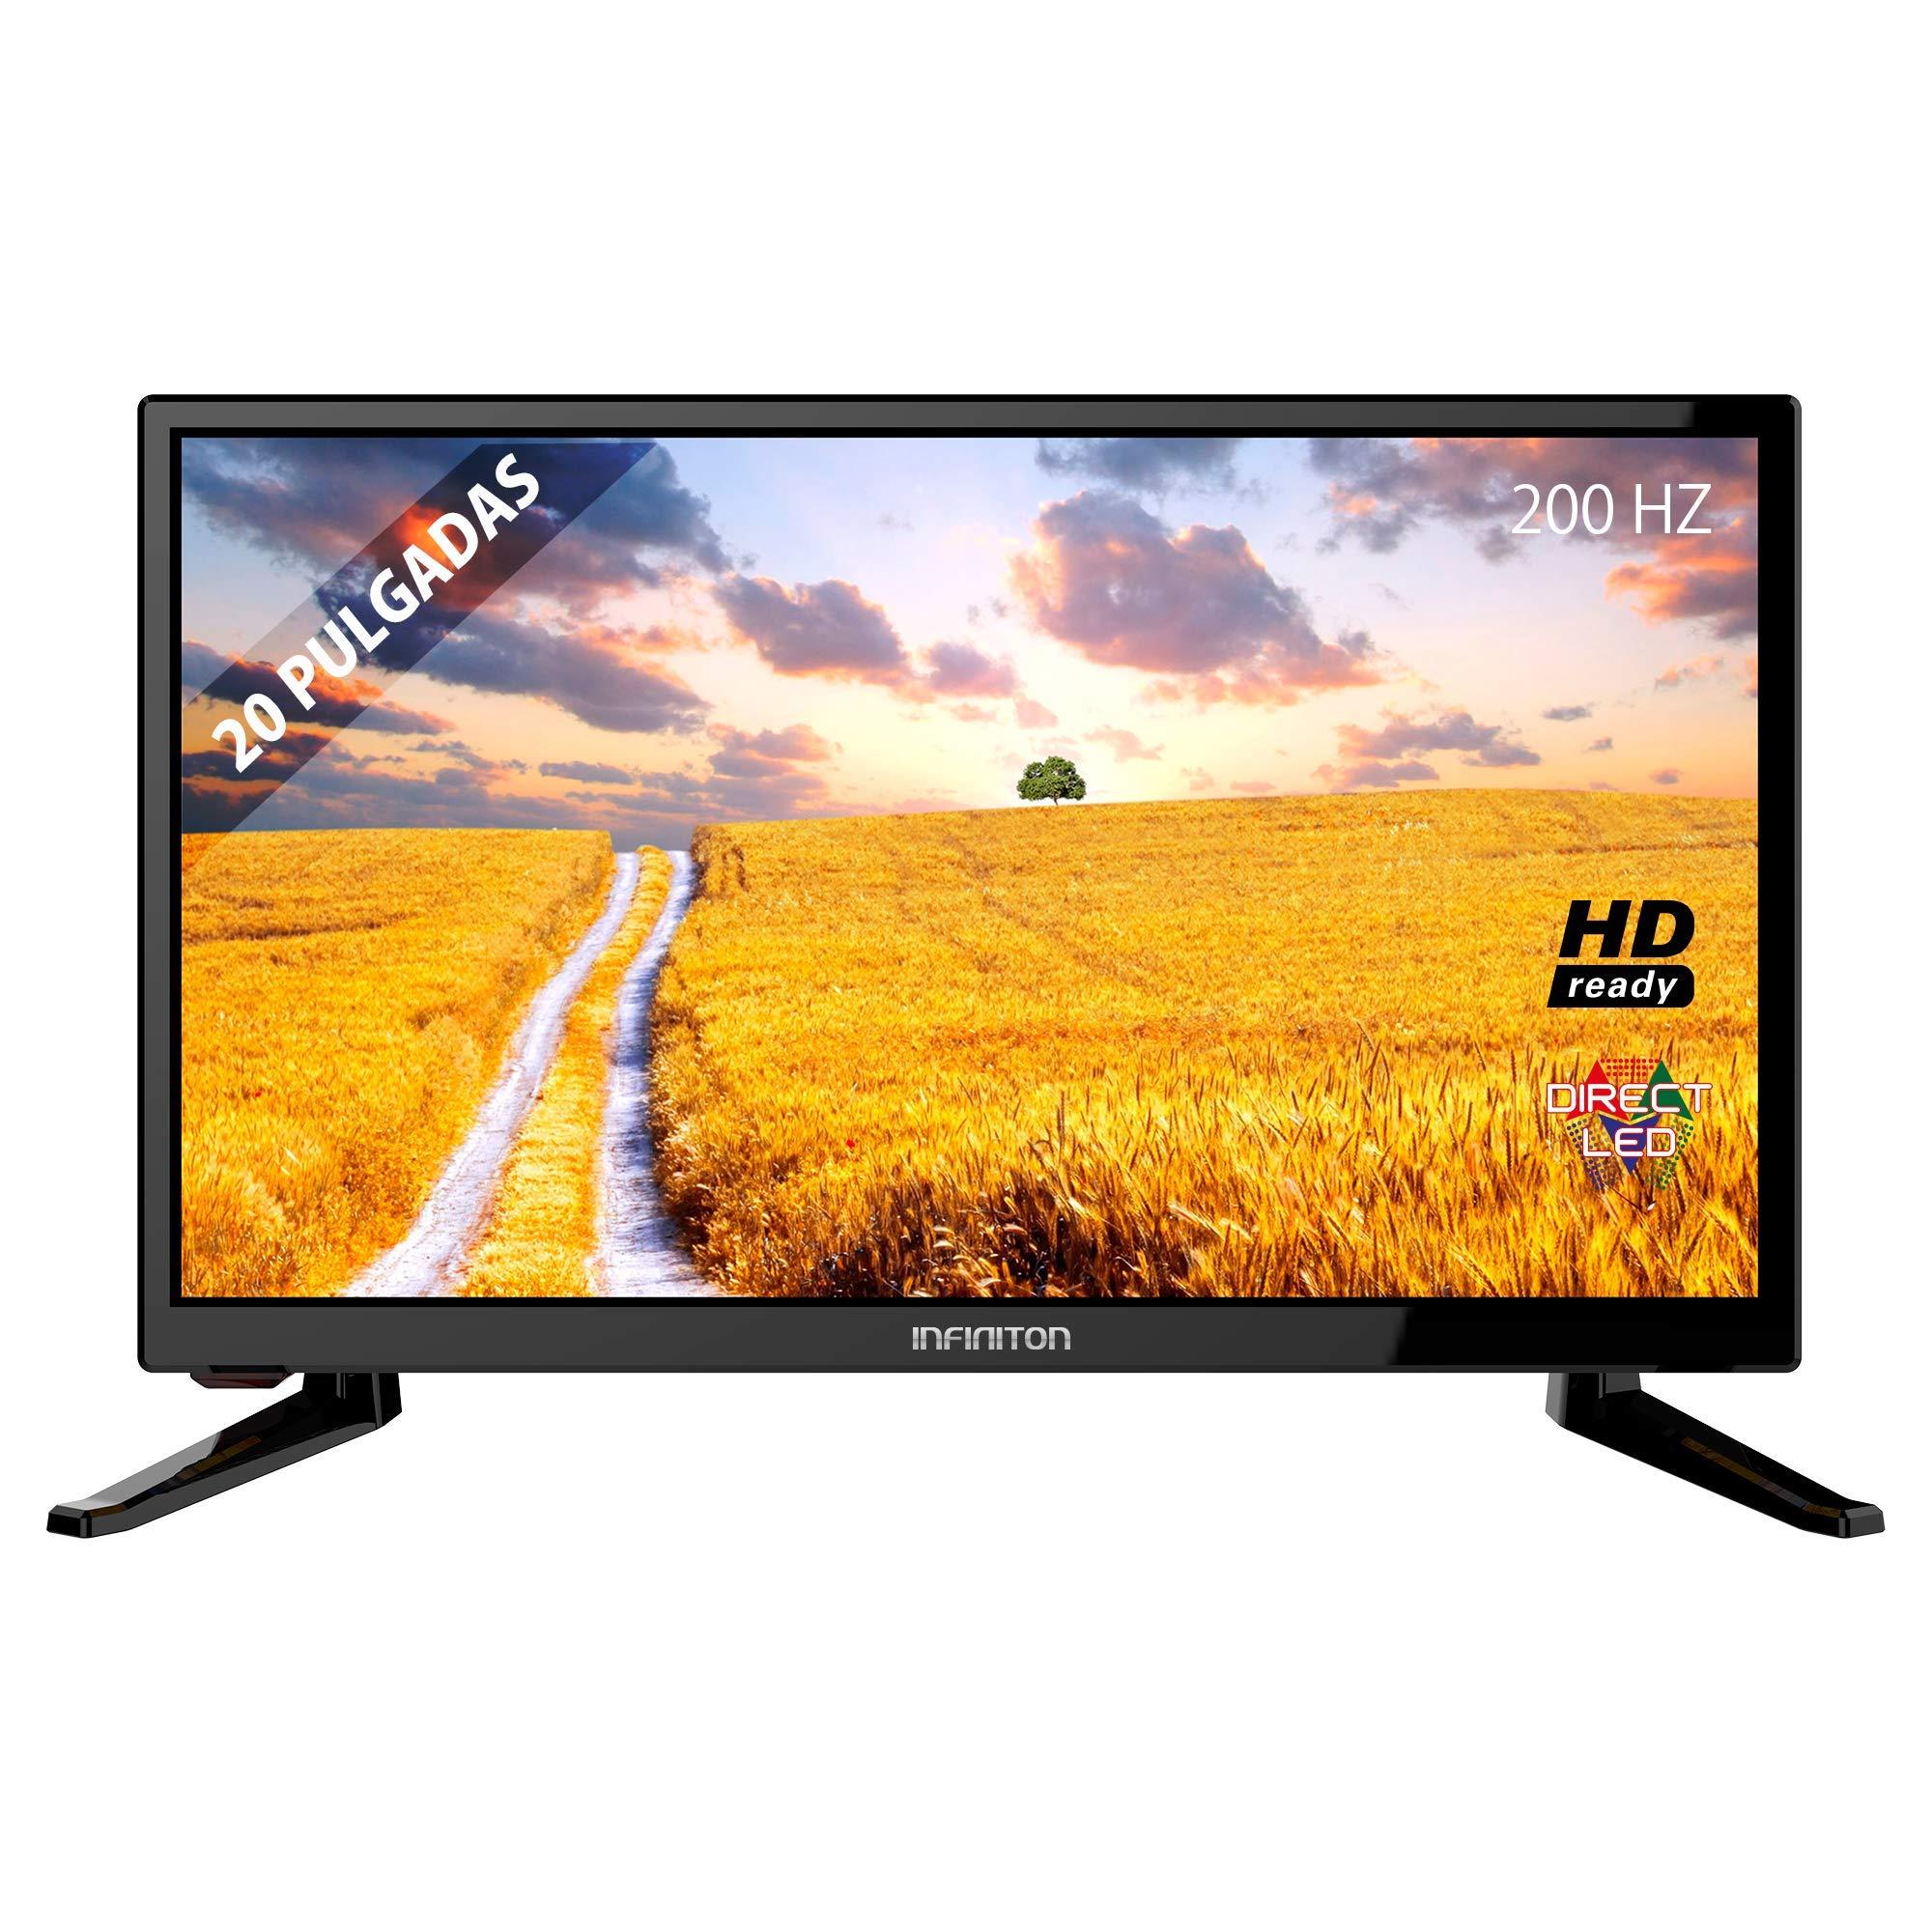 TV LED INFINITON INTV-20L 12V Caravana Negro Especial 12V Caravana: Amazon.es: Electrónica